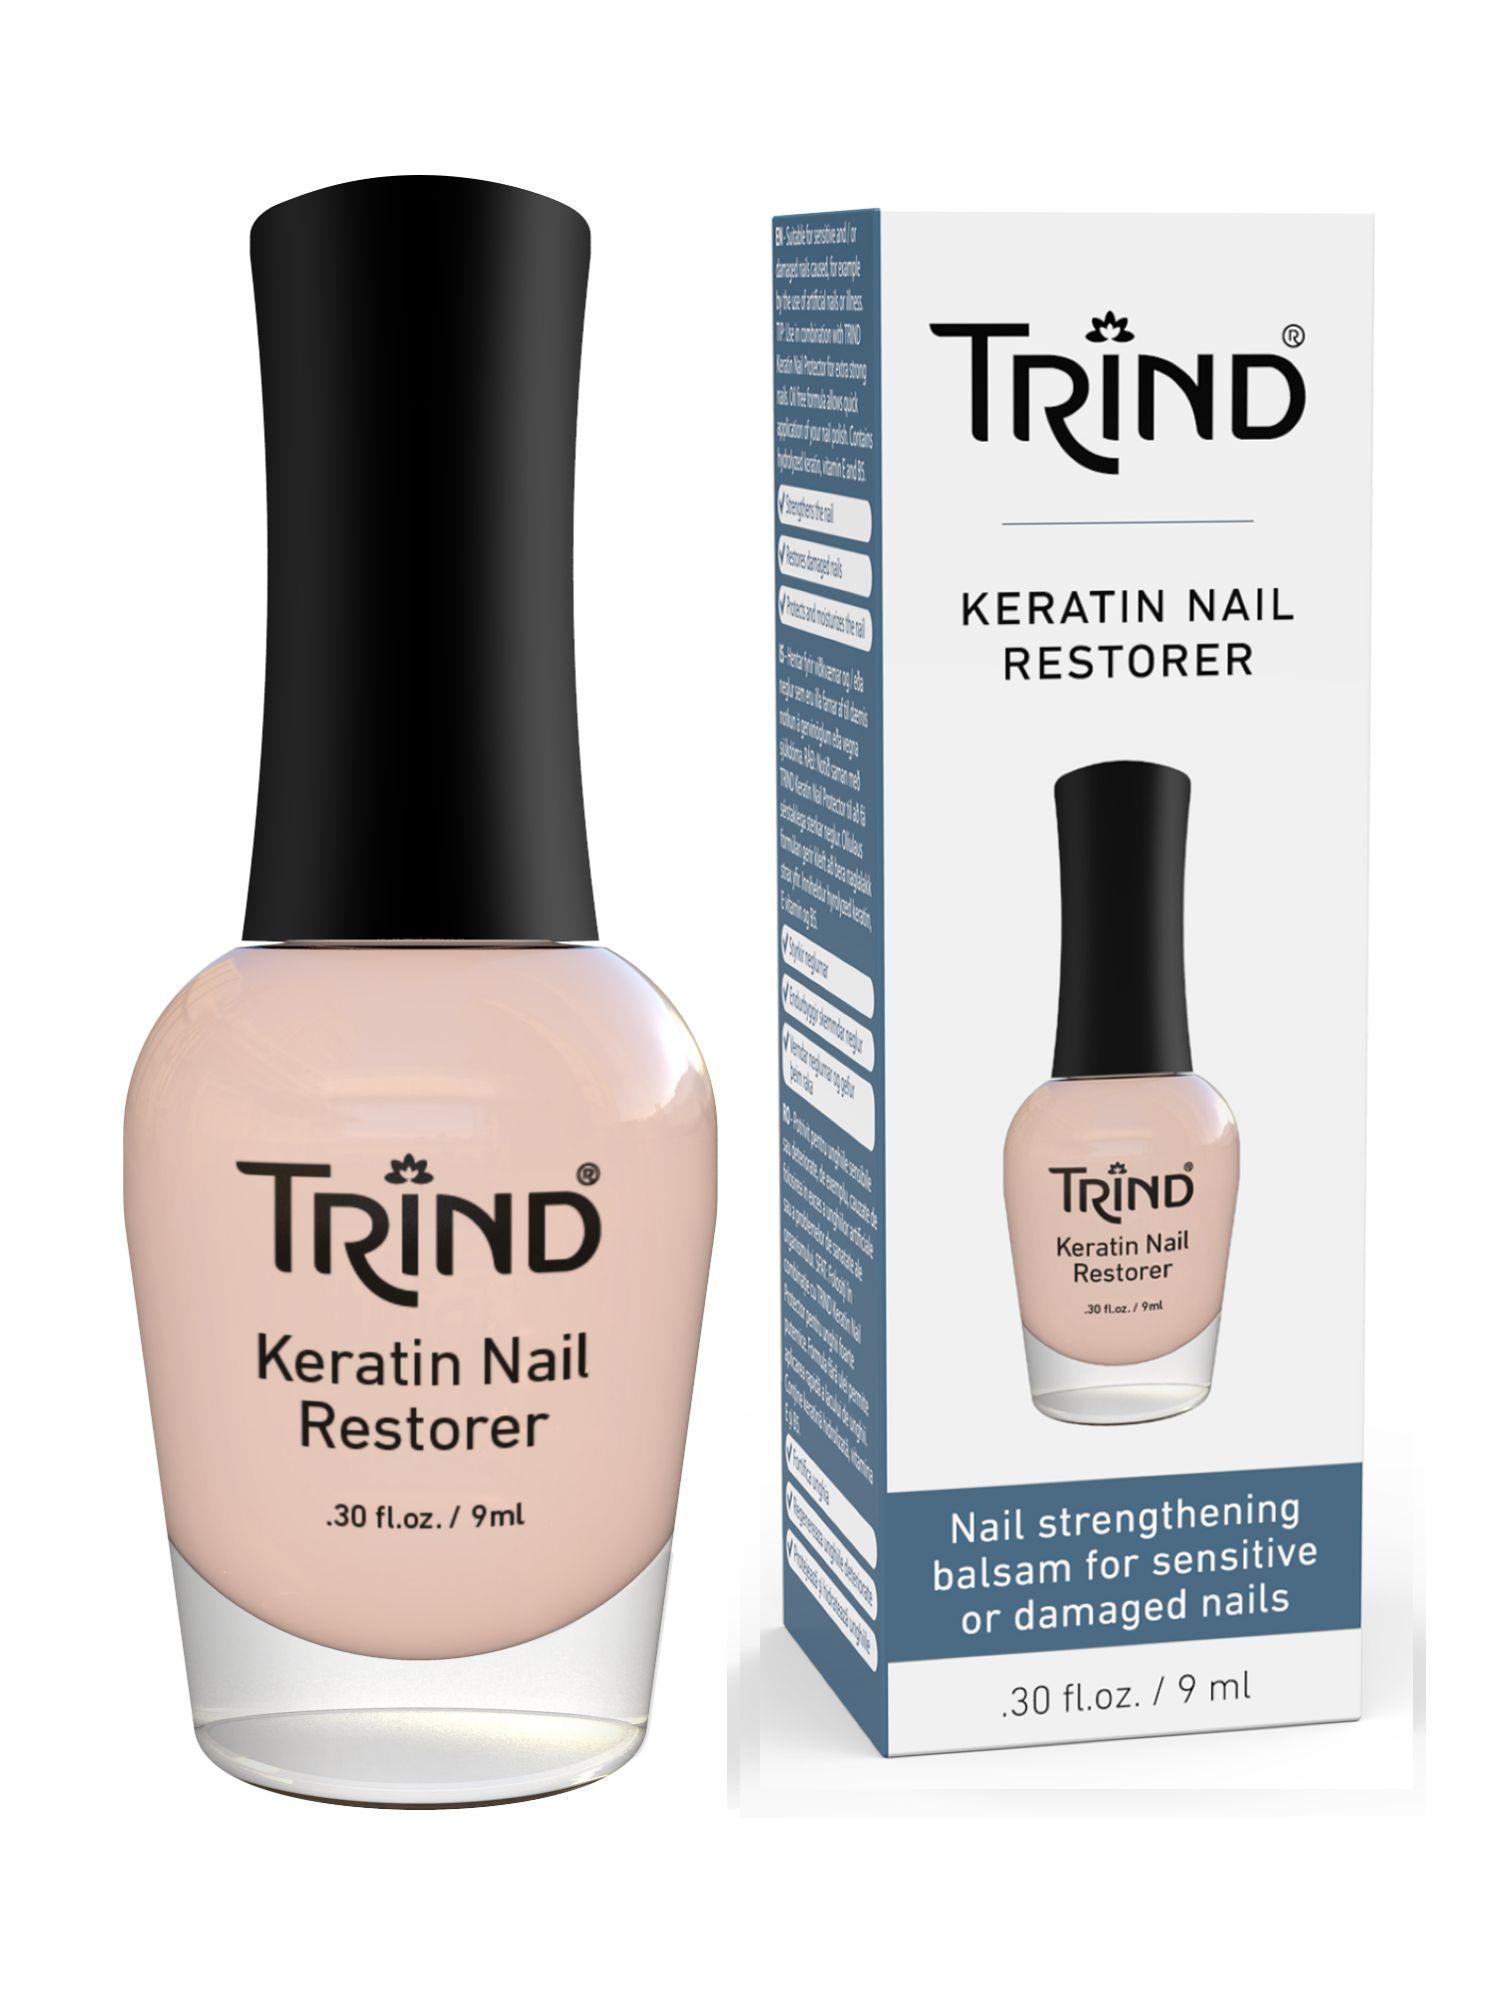 TRIND Восстановитель ногтей кератиновый / Keratin Nail Restorer 9 мл